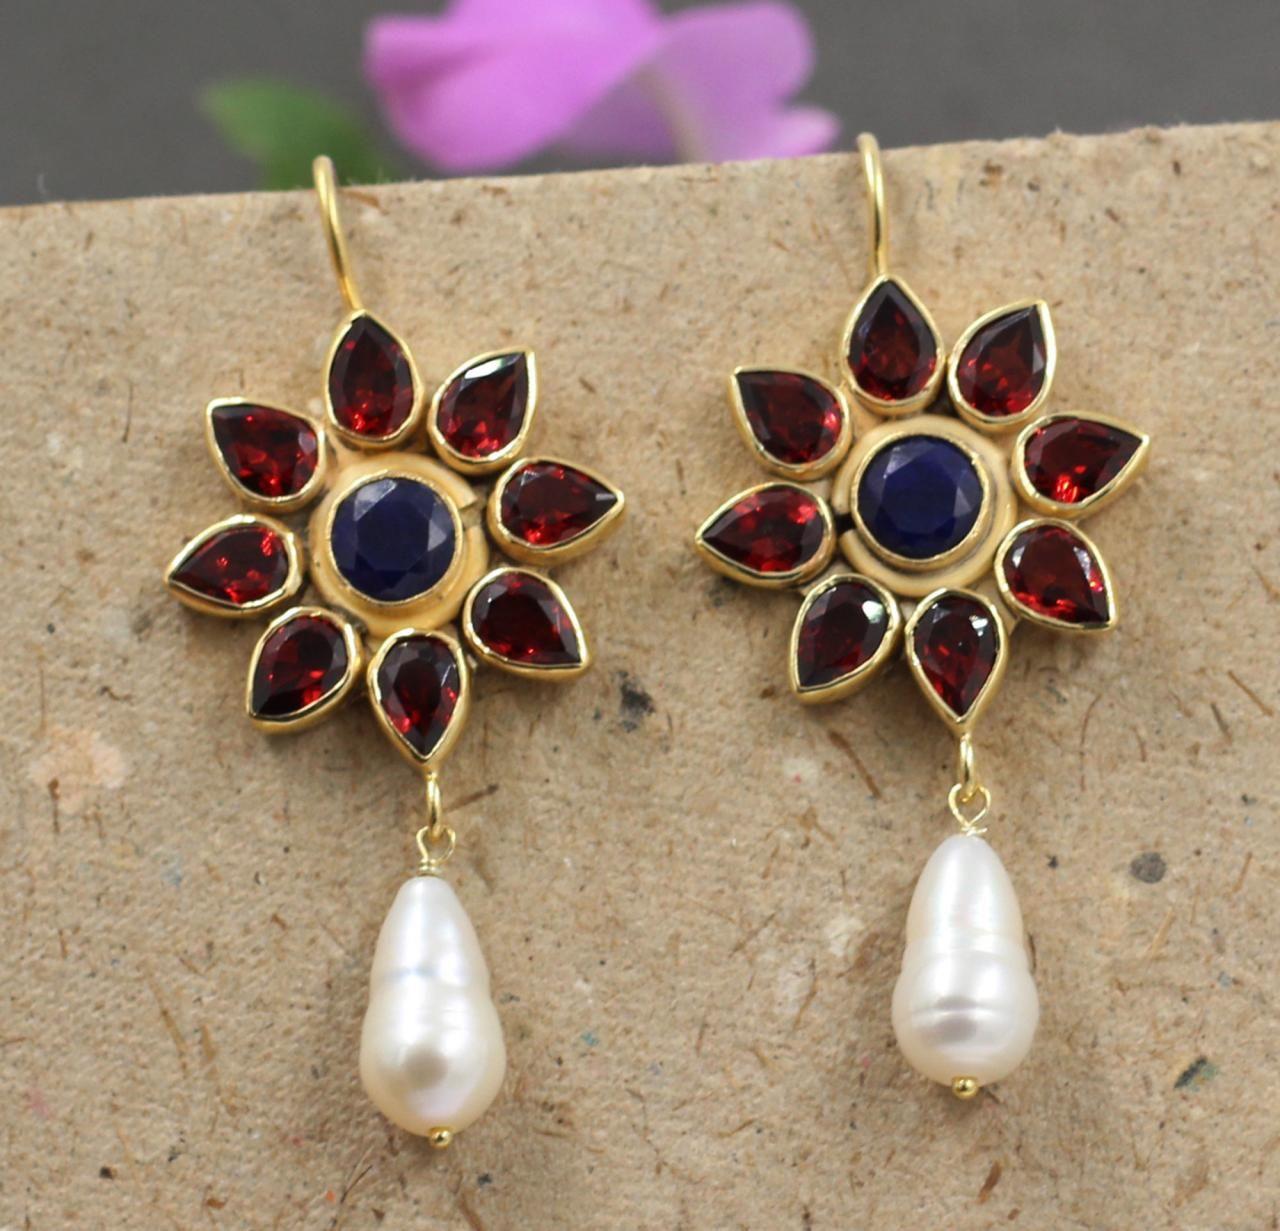 Wedding Gift,Royal Garnet Handmade 925 Sterling Silver Gold Plated Dangle Earrings For GIFT